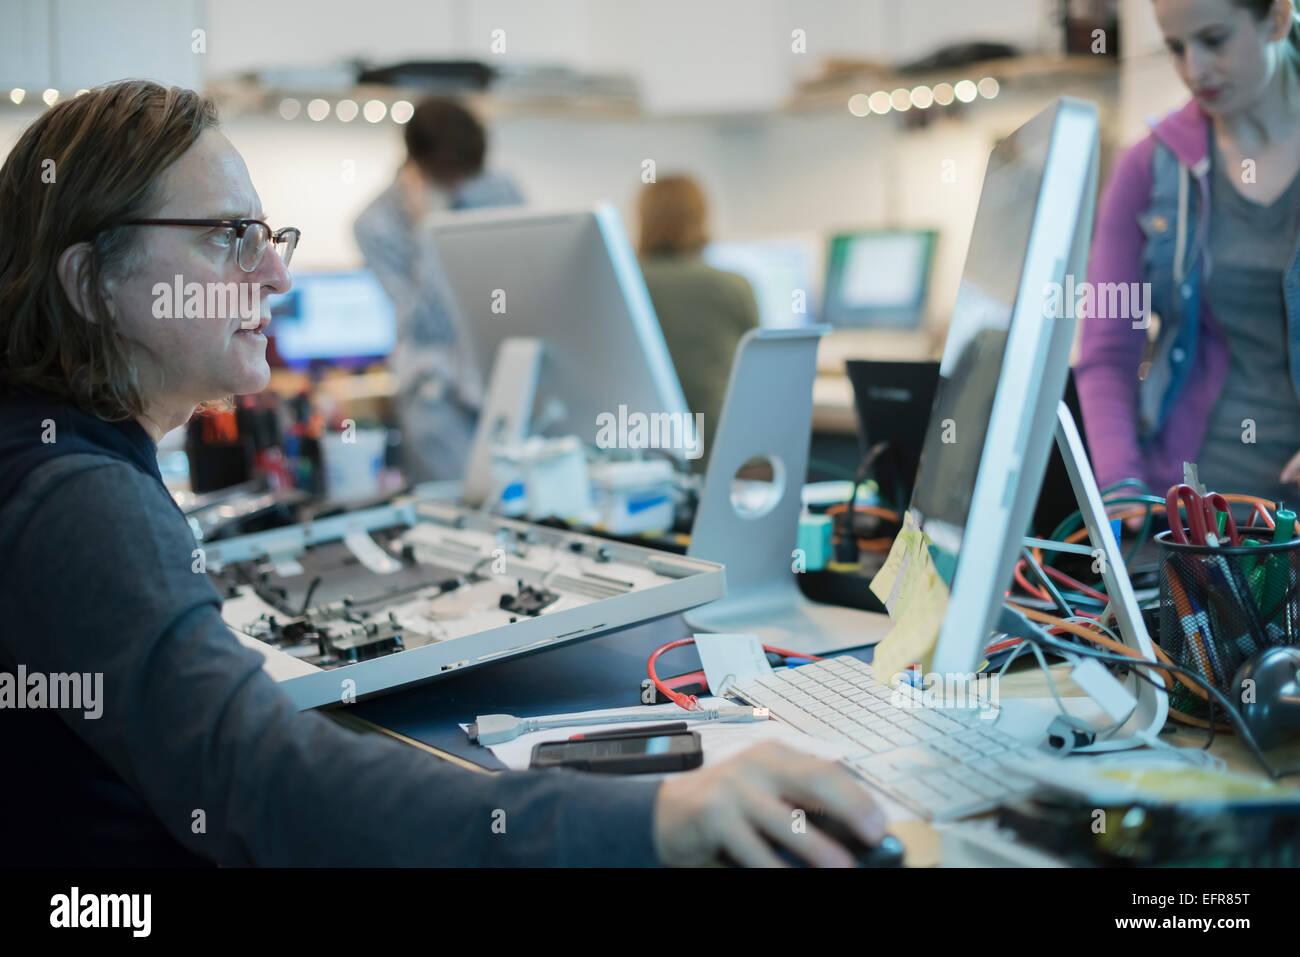 Un homme assis à un ordinateur, regarder l'écran. Atelier de réparation d'ordinateur. Photo Stock